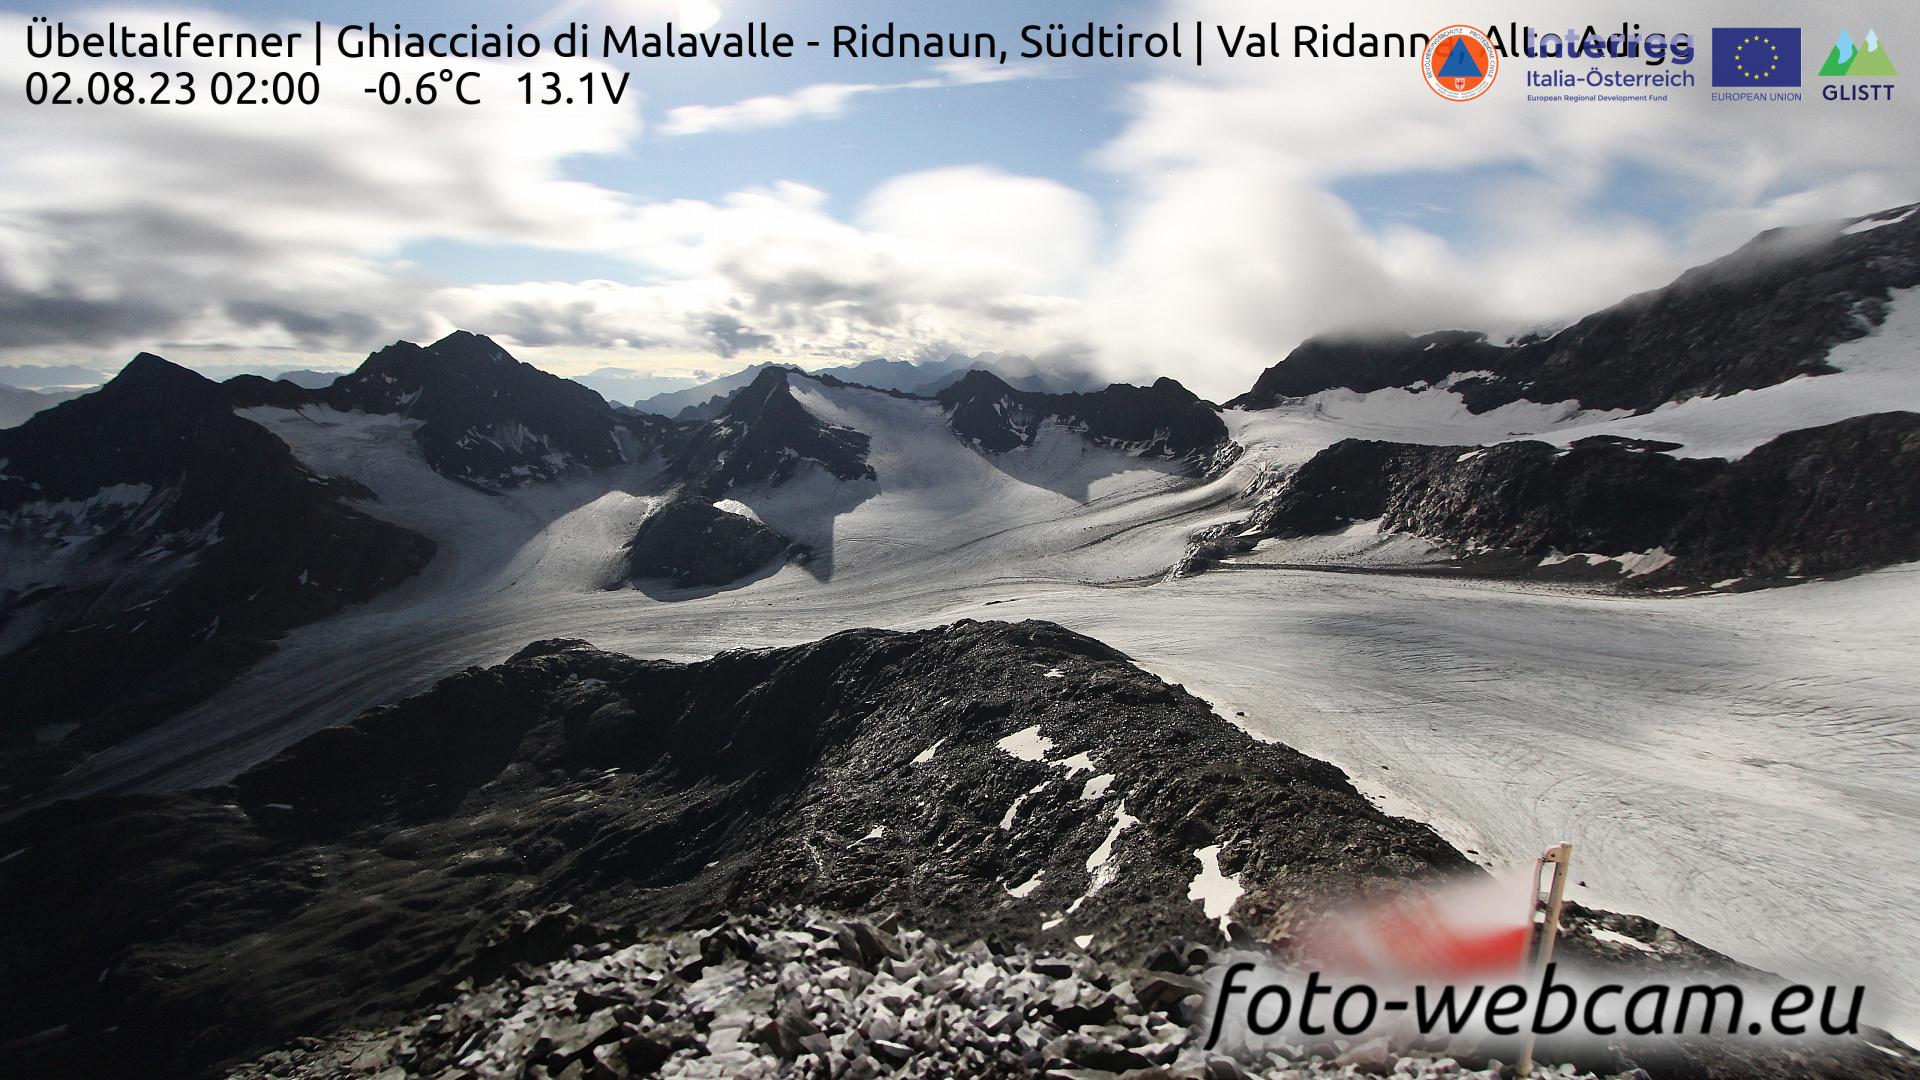 Val Ridanna Sab. 02:28